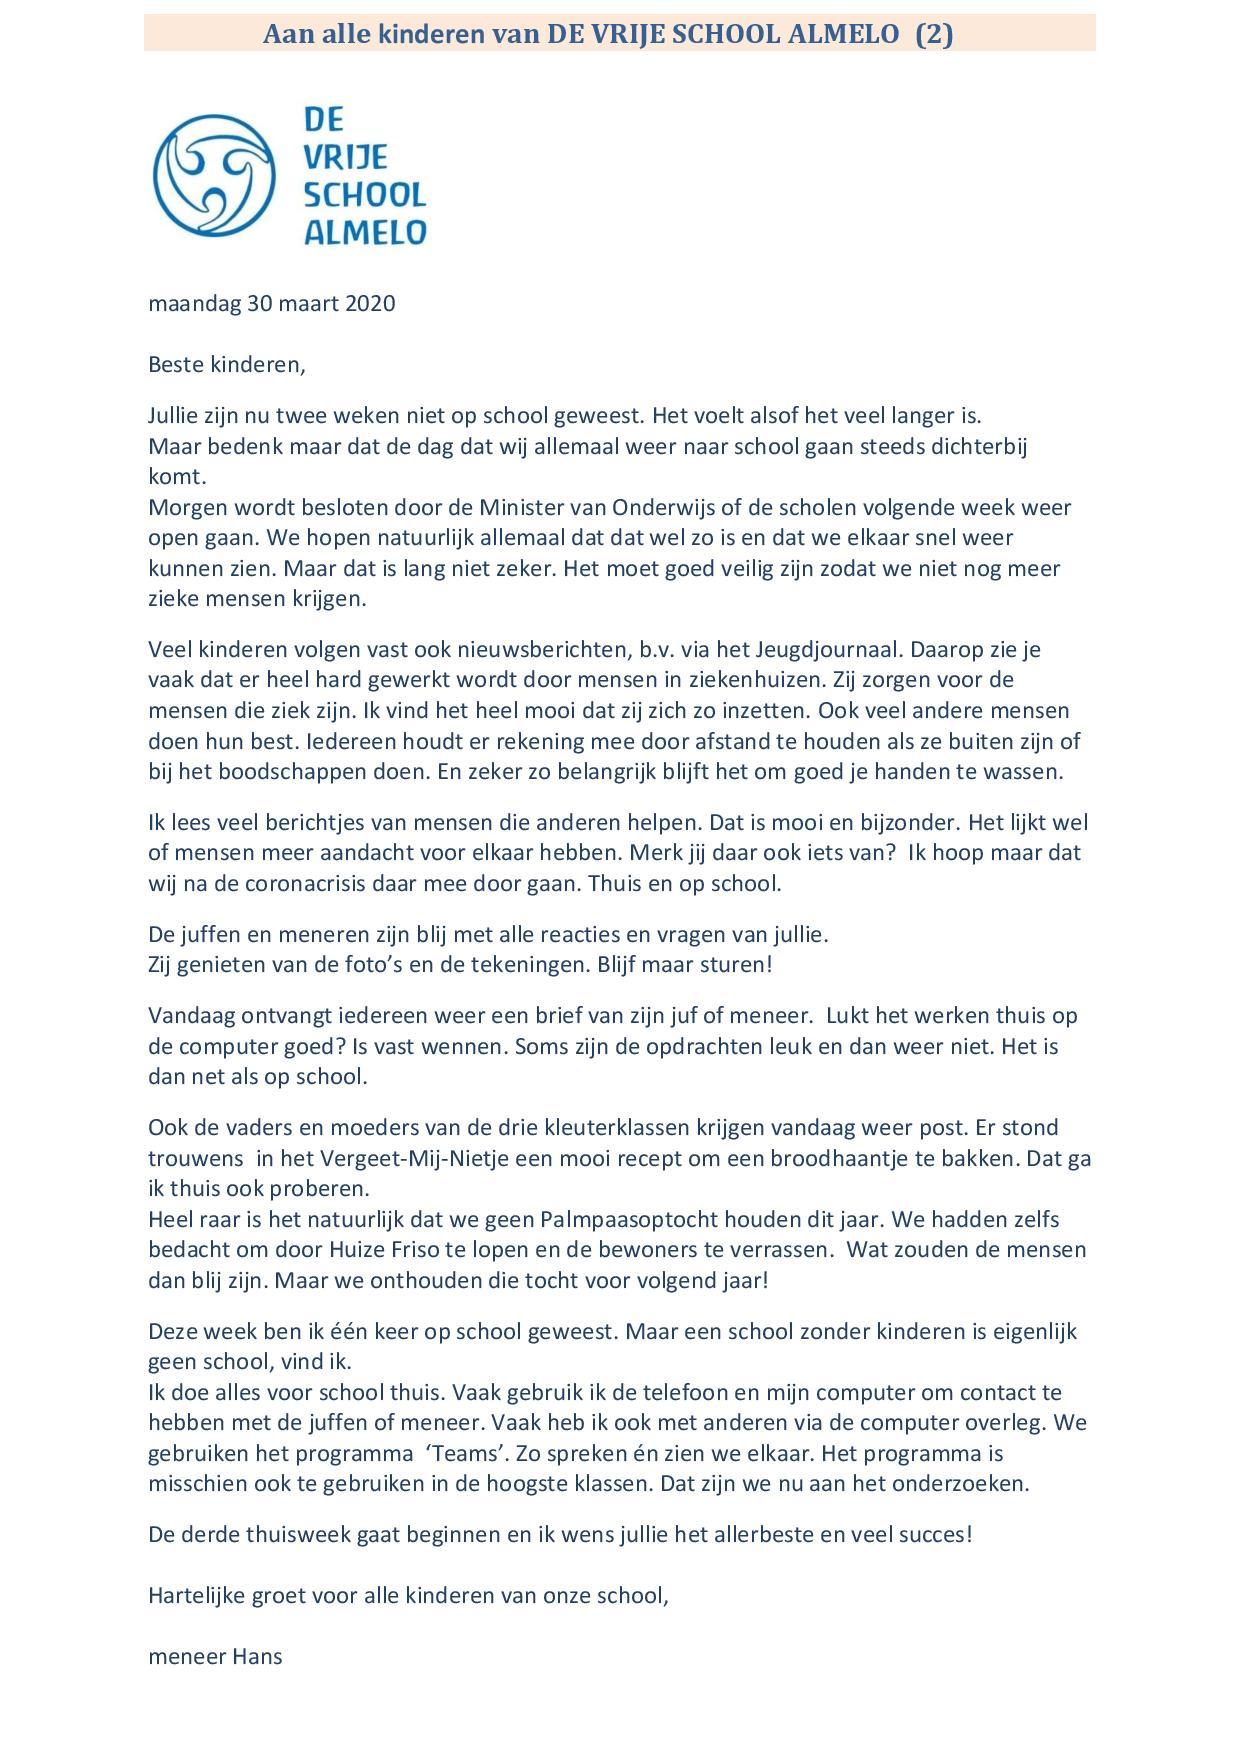 Brief voor alle kinderen van De Vrije School Almelo